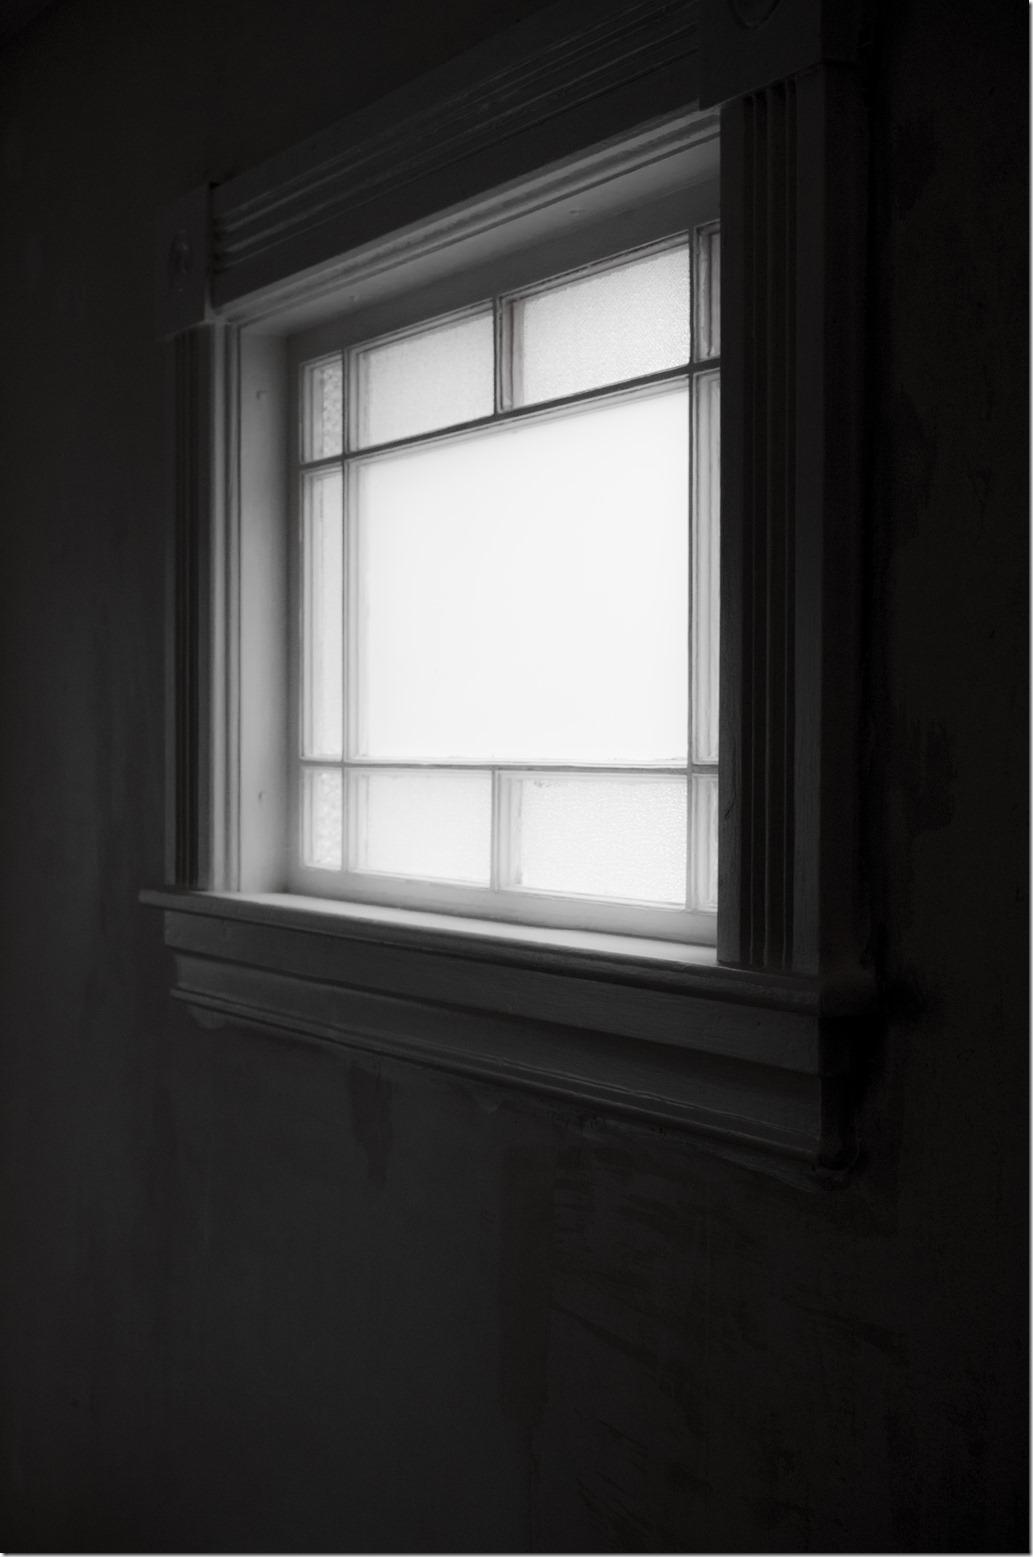 Window Light L1003168-1